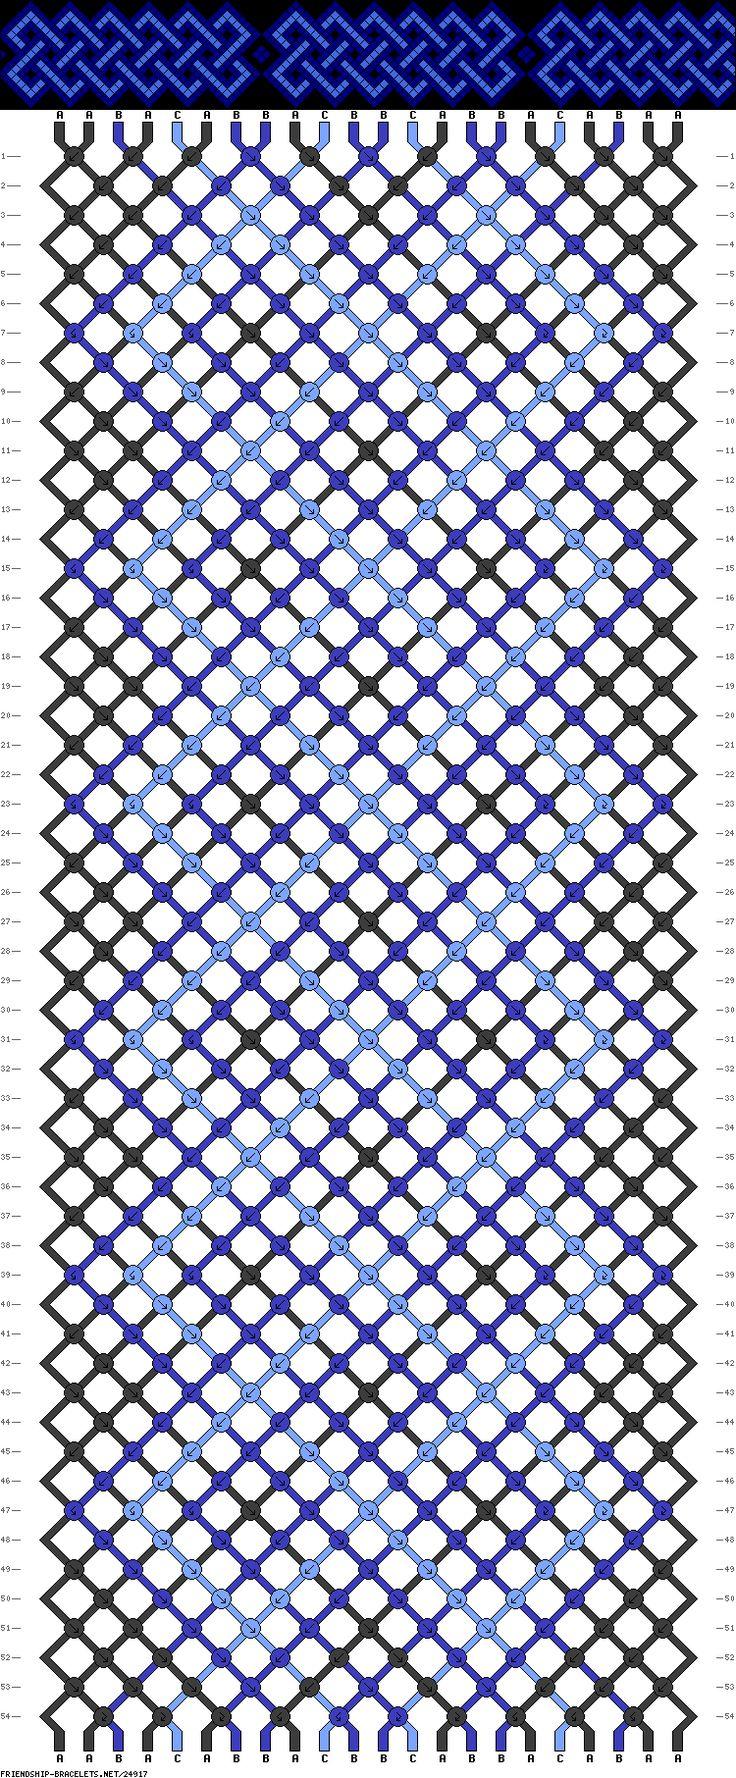 #24917 - friendship-bracelets.net, blue celtic pattern